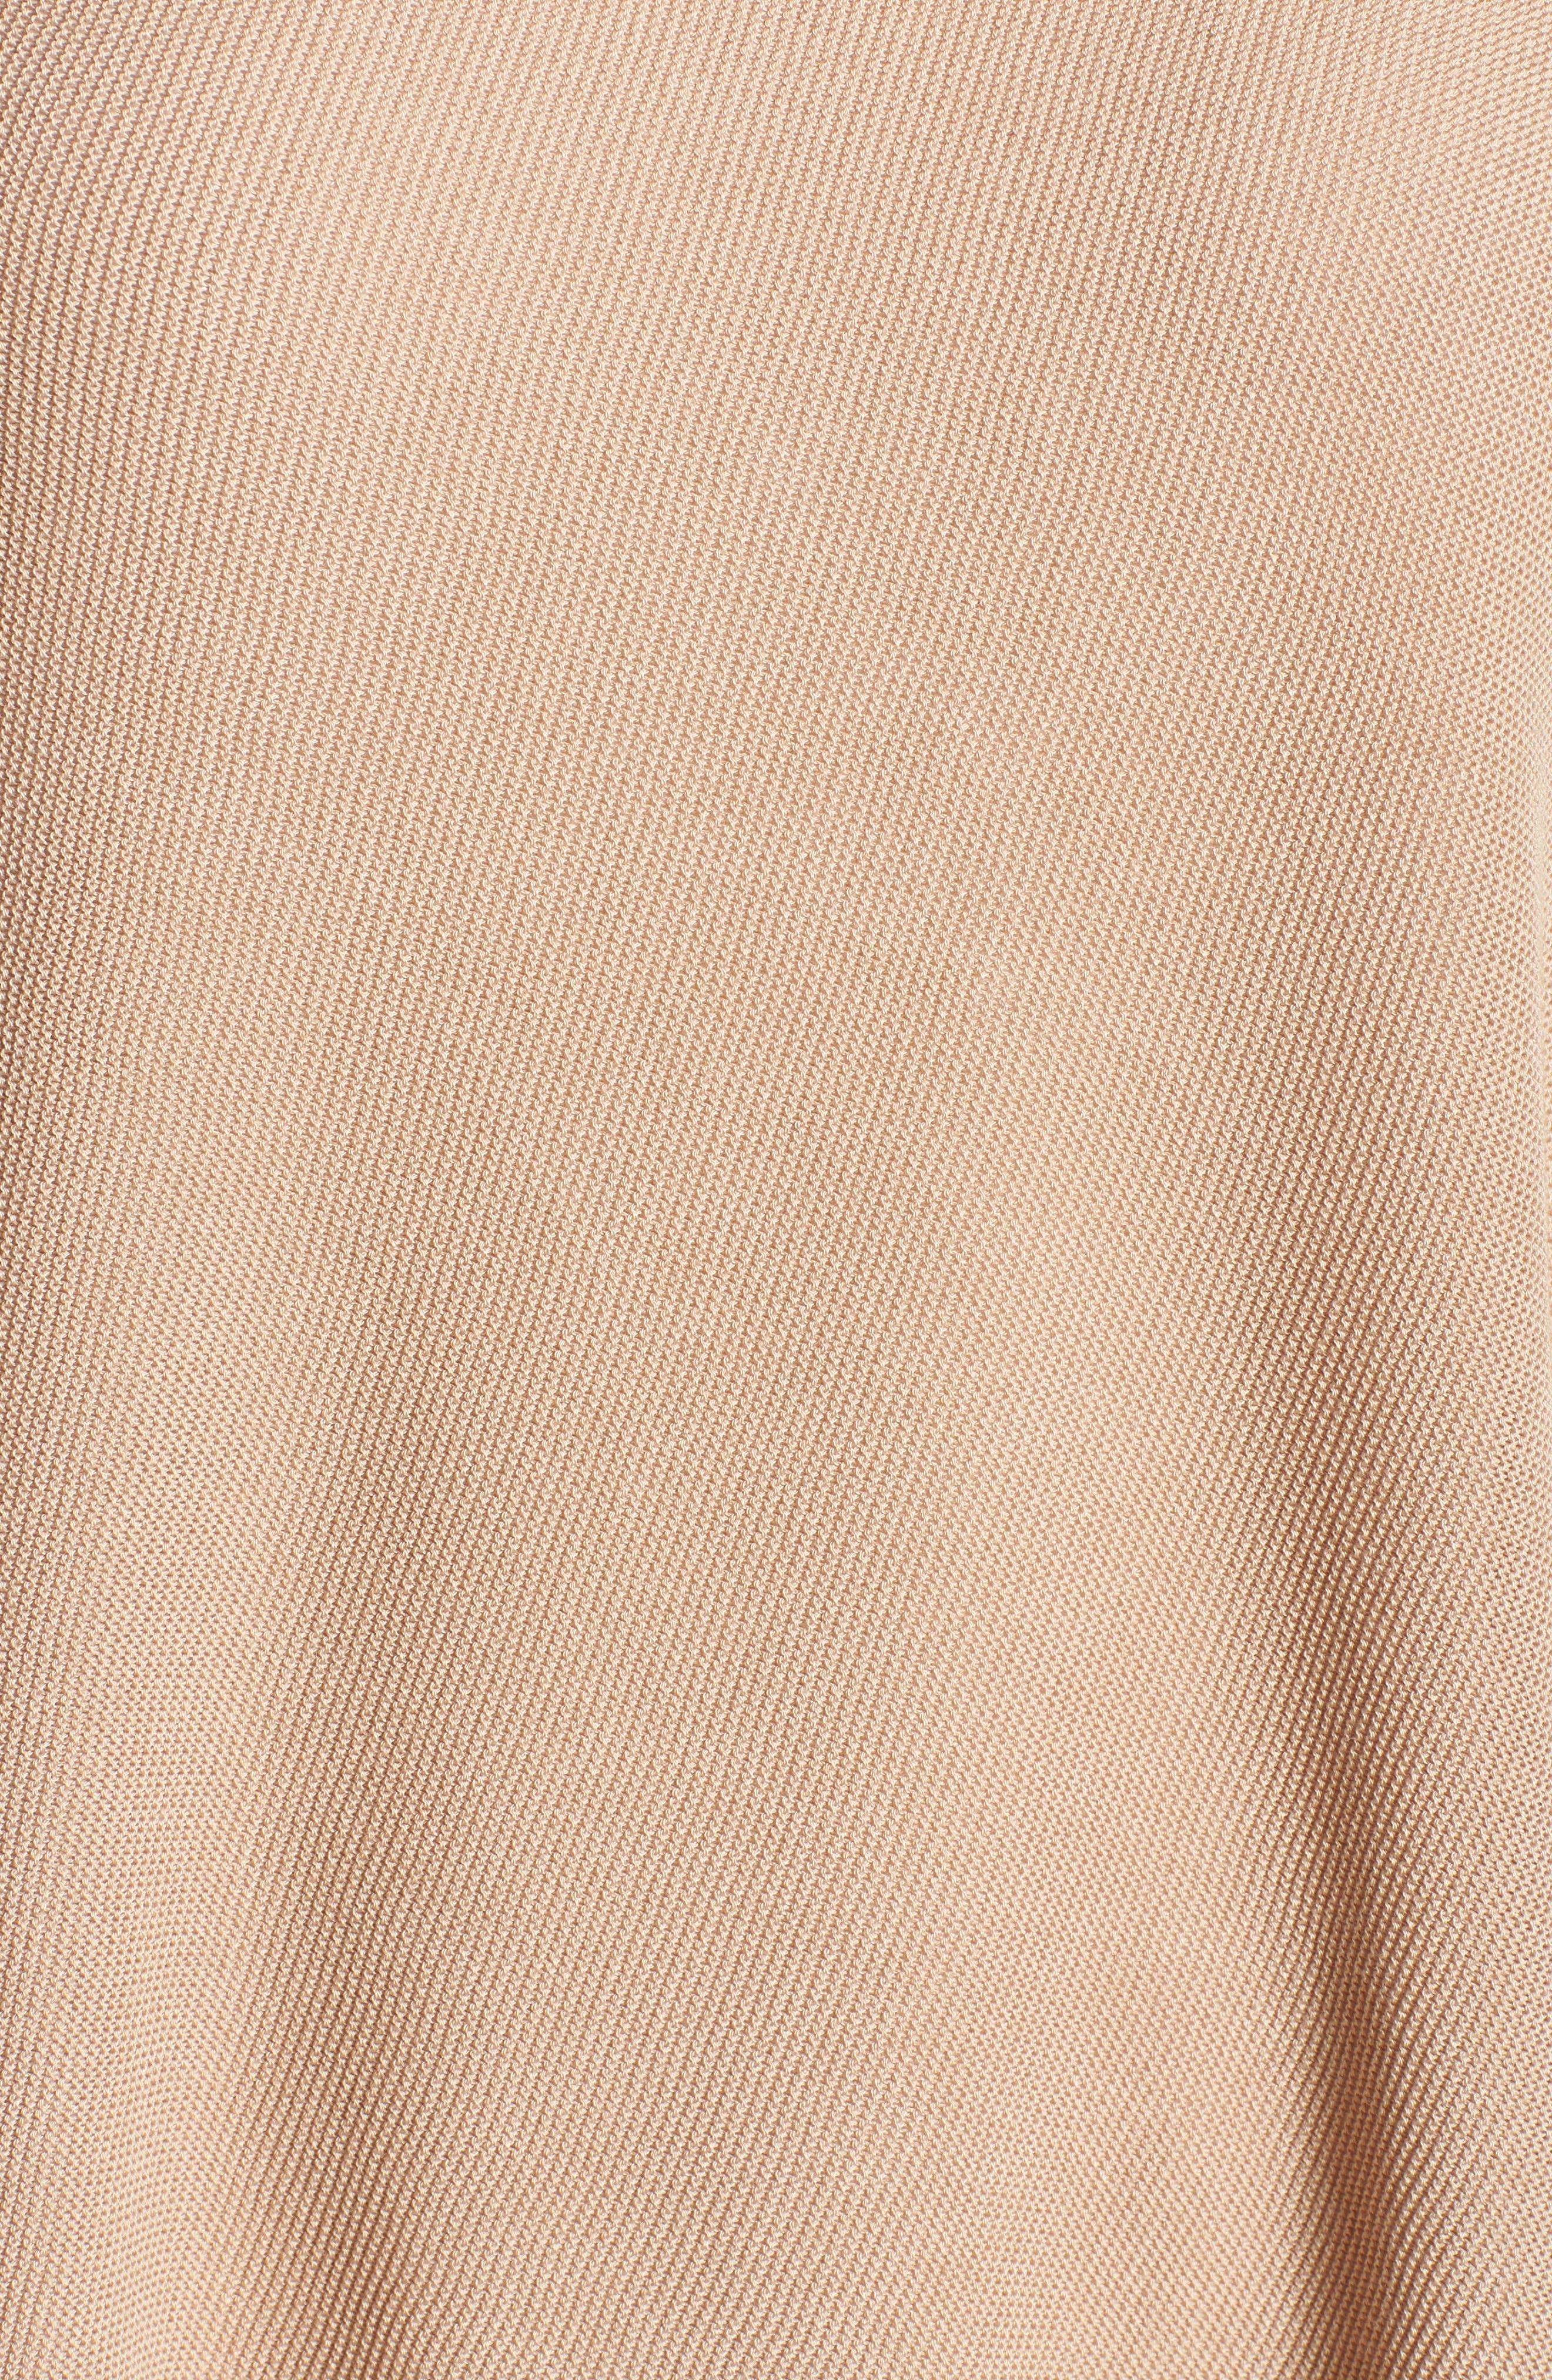 Asymmetrical Poncho,                             Alternate thumbnail 5, color,                             291